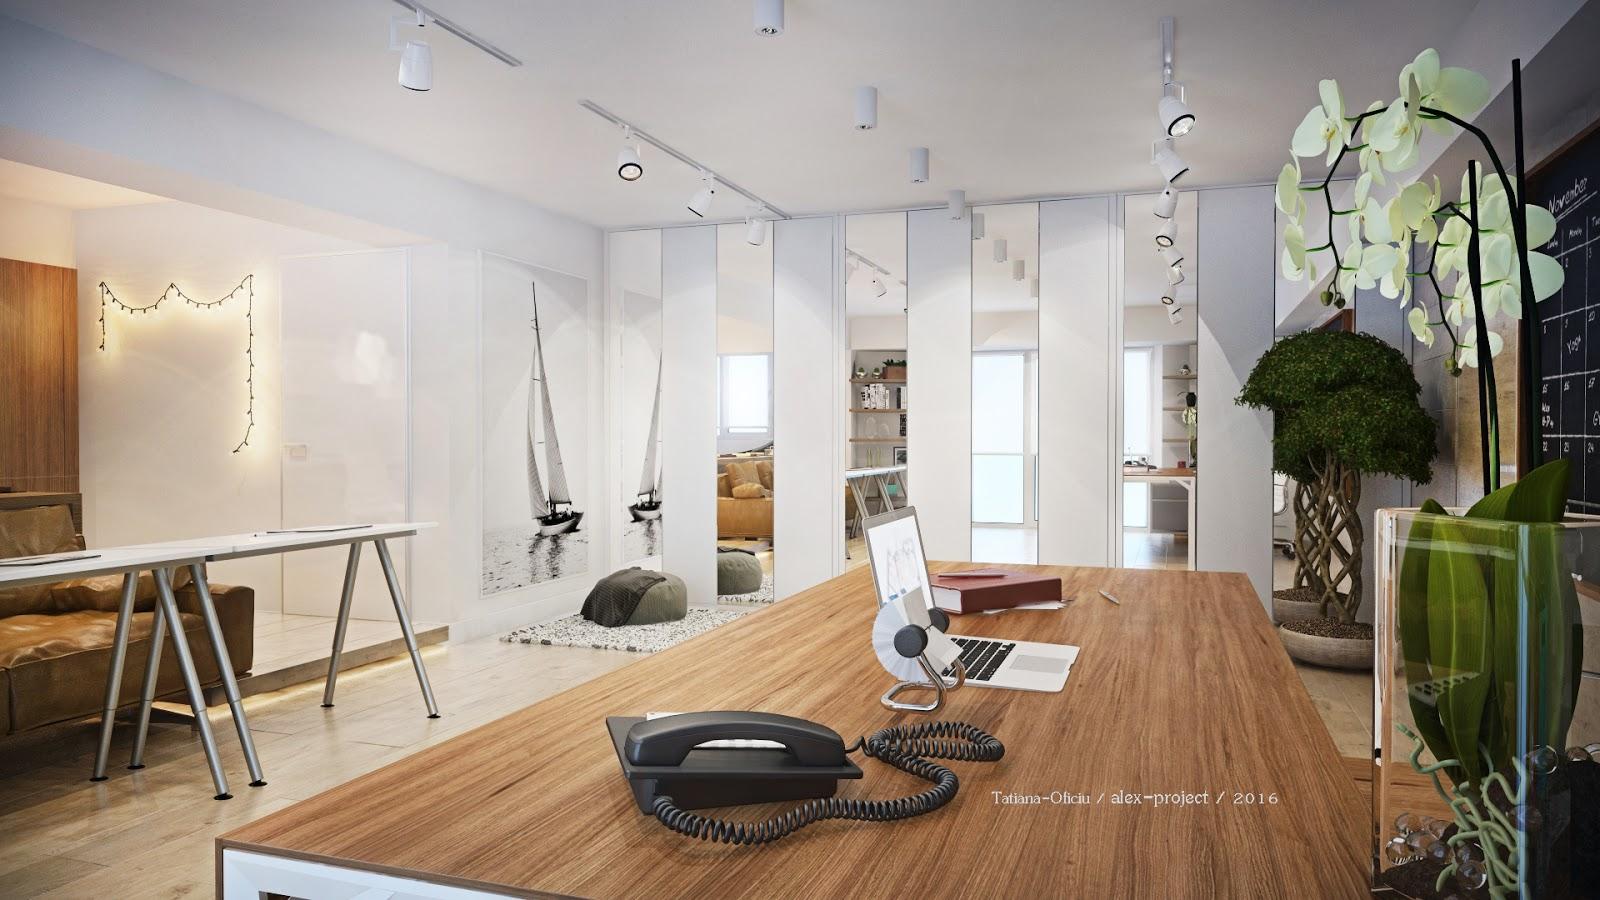 Steldor design construction foto sfaturi pentru design for A d interior decoration contractor